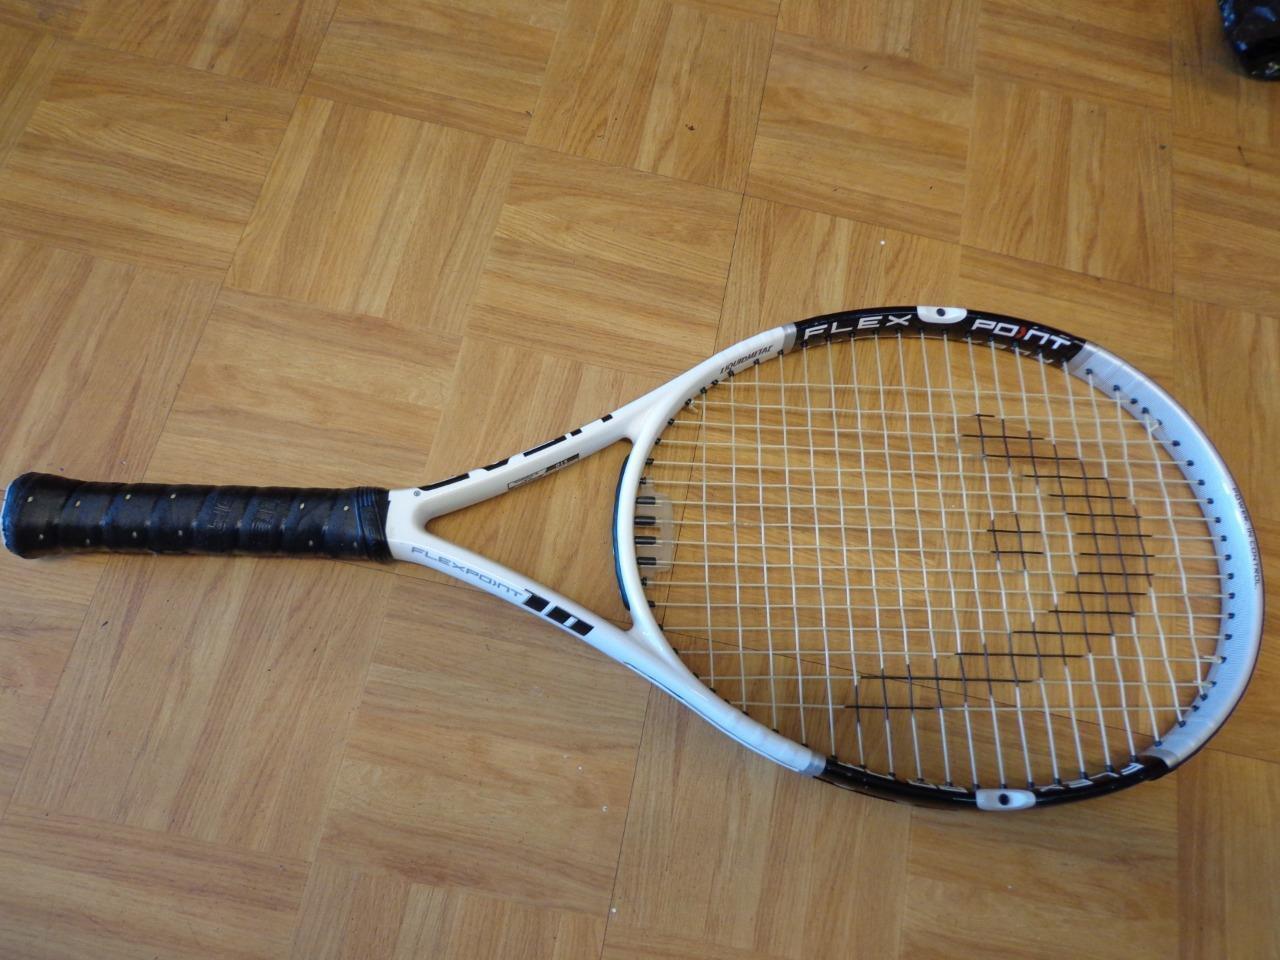 Cabeza Flexpoint 10 cabeza de gran tamaño 121 4 3 8 Grip Tenis Raqueta